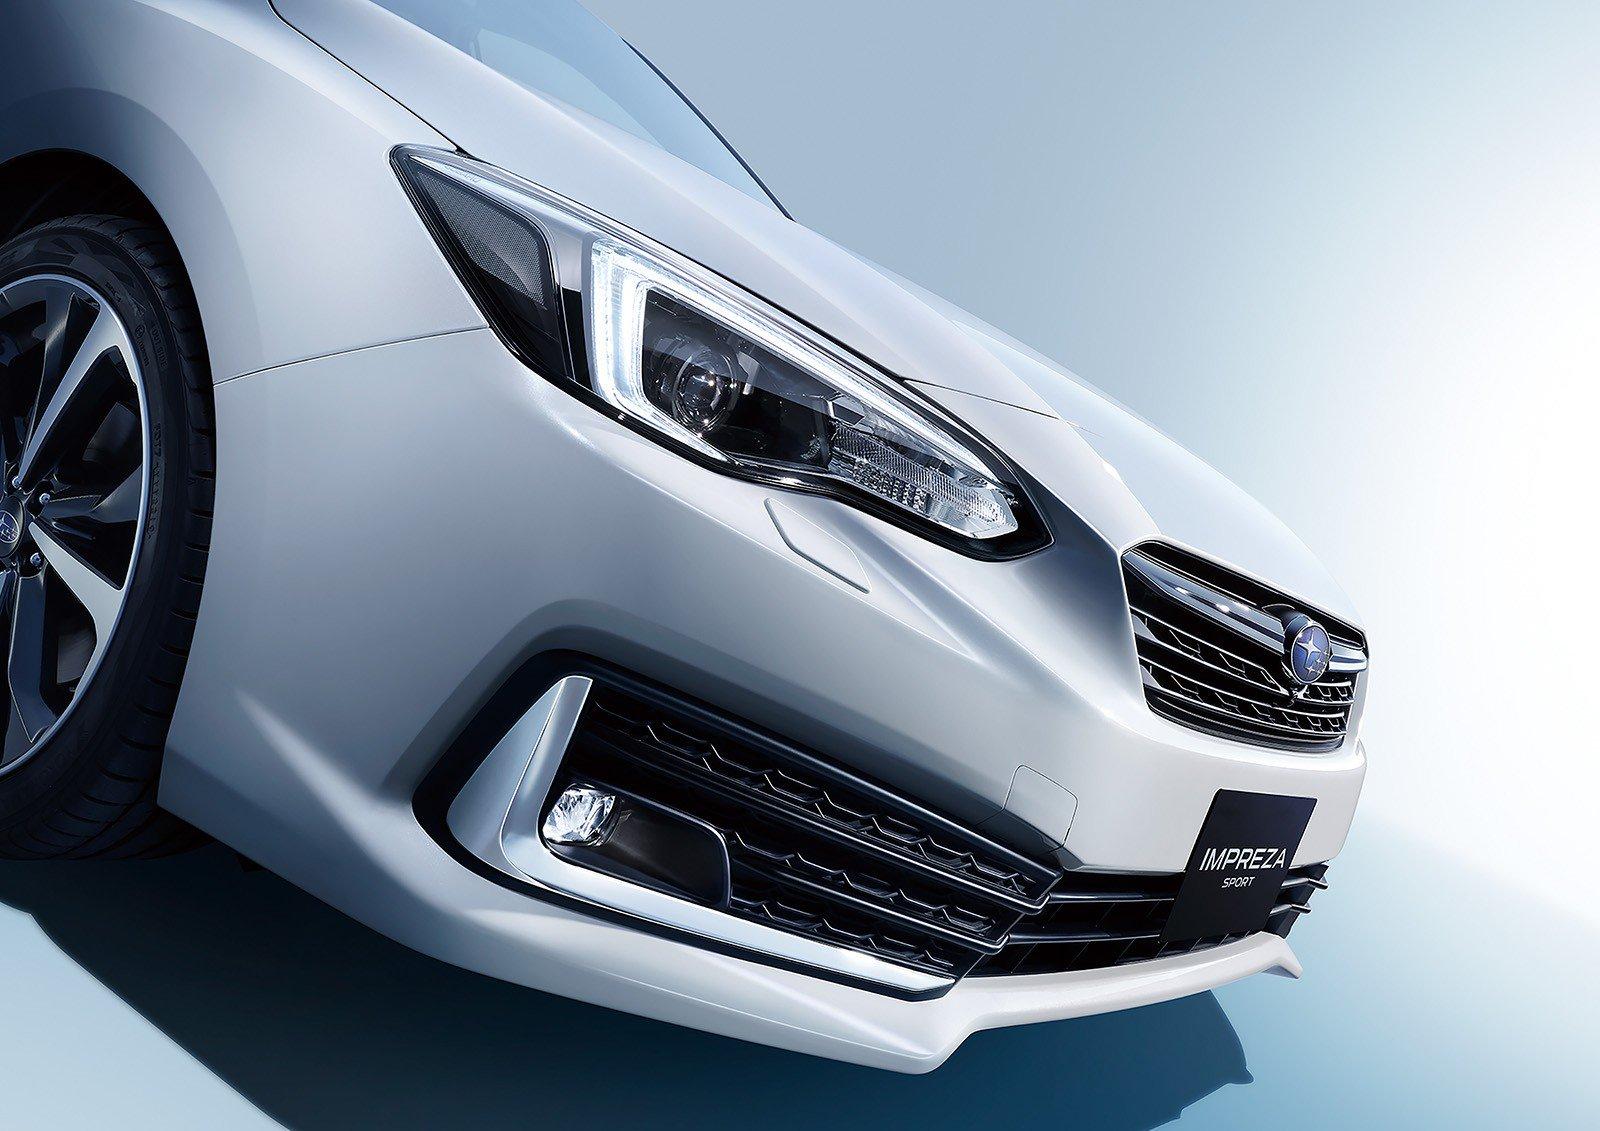 Subaru-Impreza-facelift-19